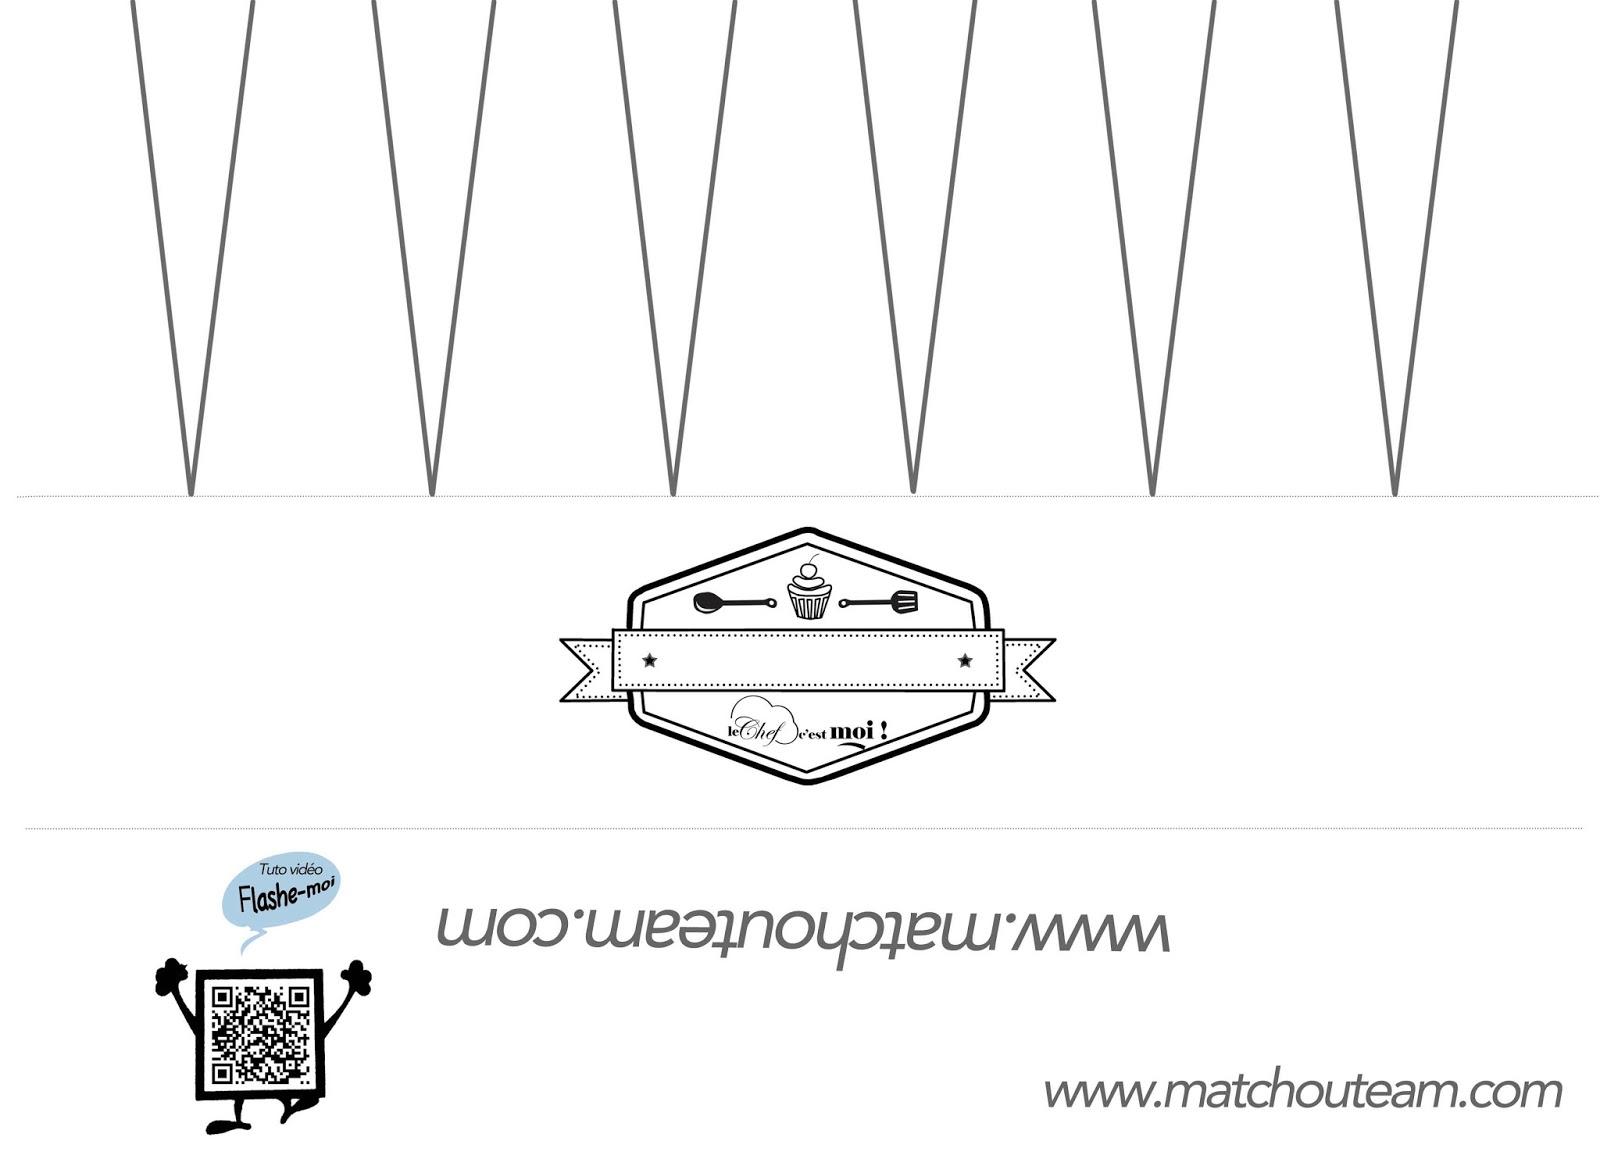 Souvent Ma Tchou team: La toque du chef 100% papier QW76